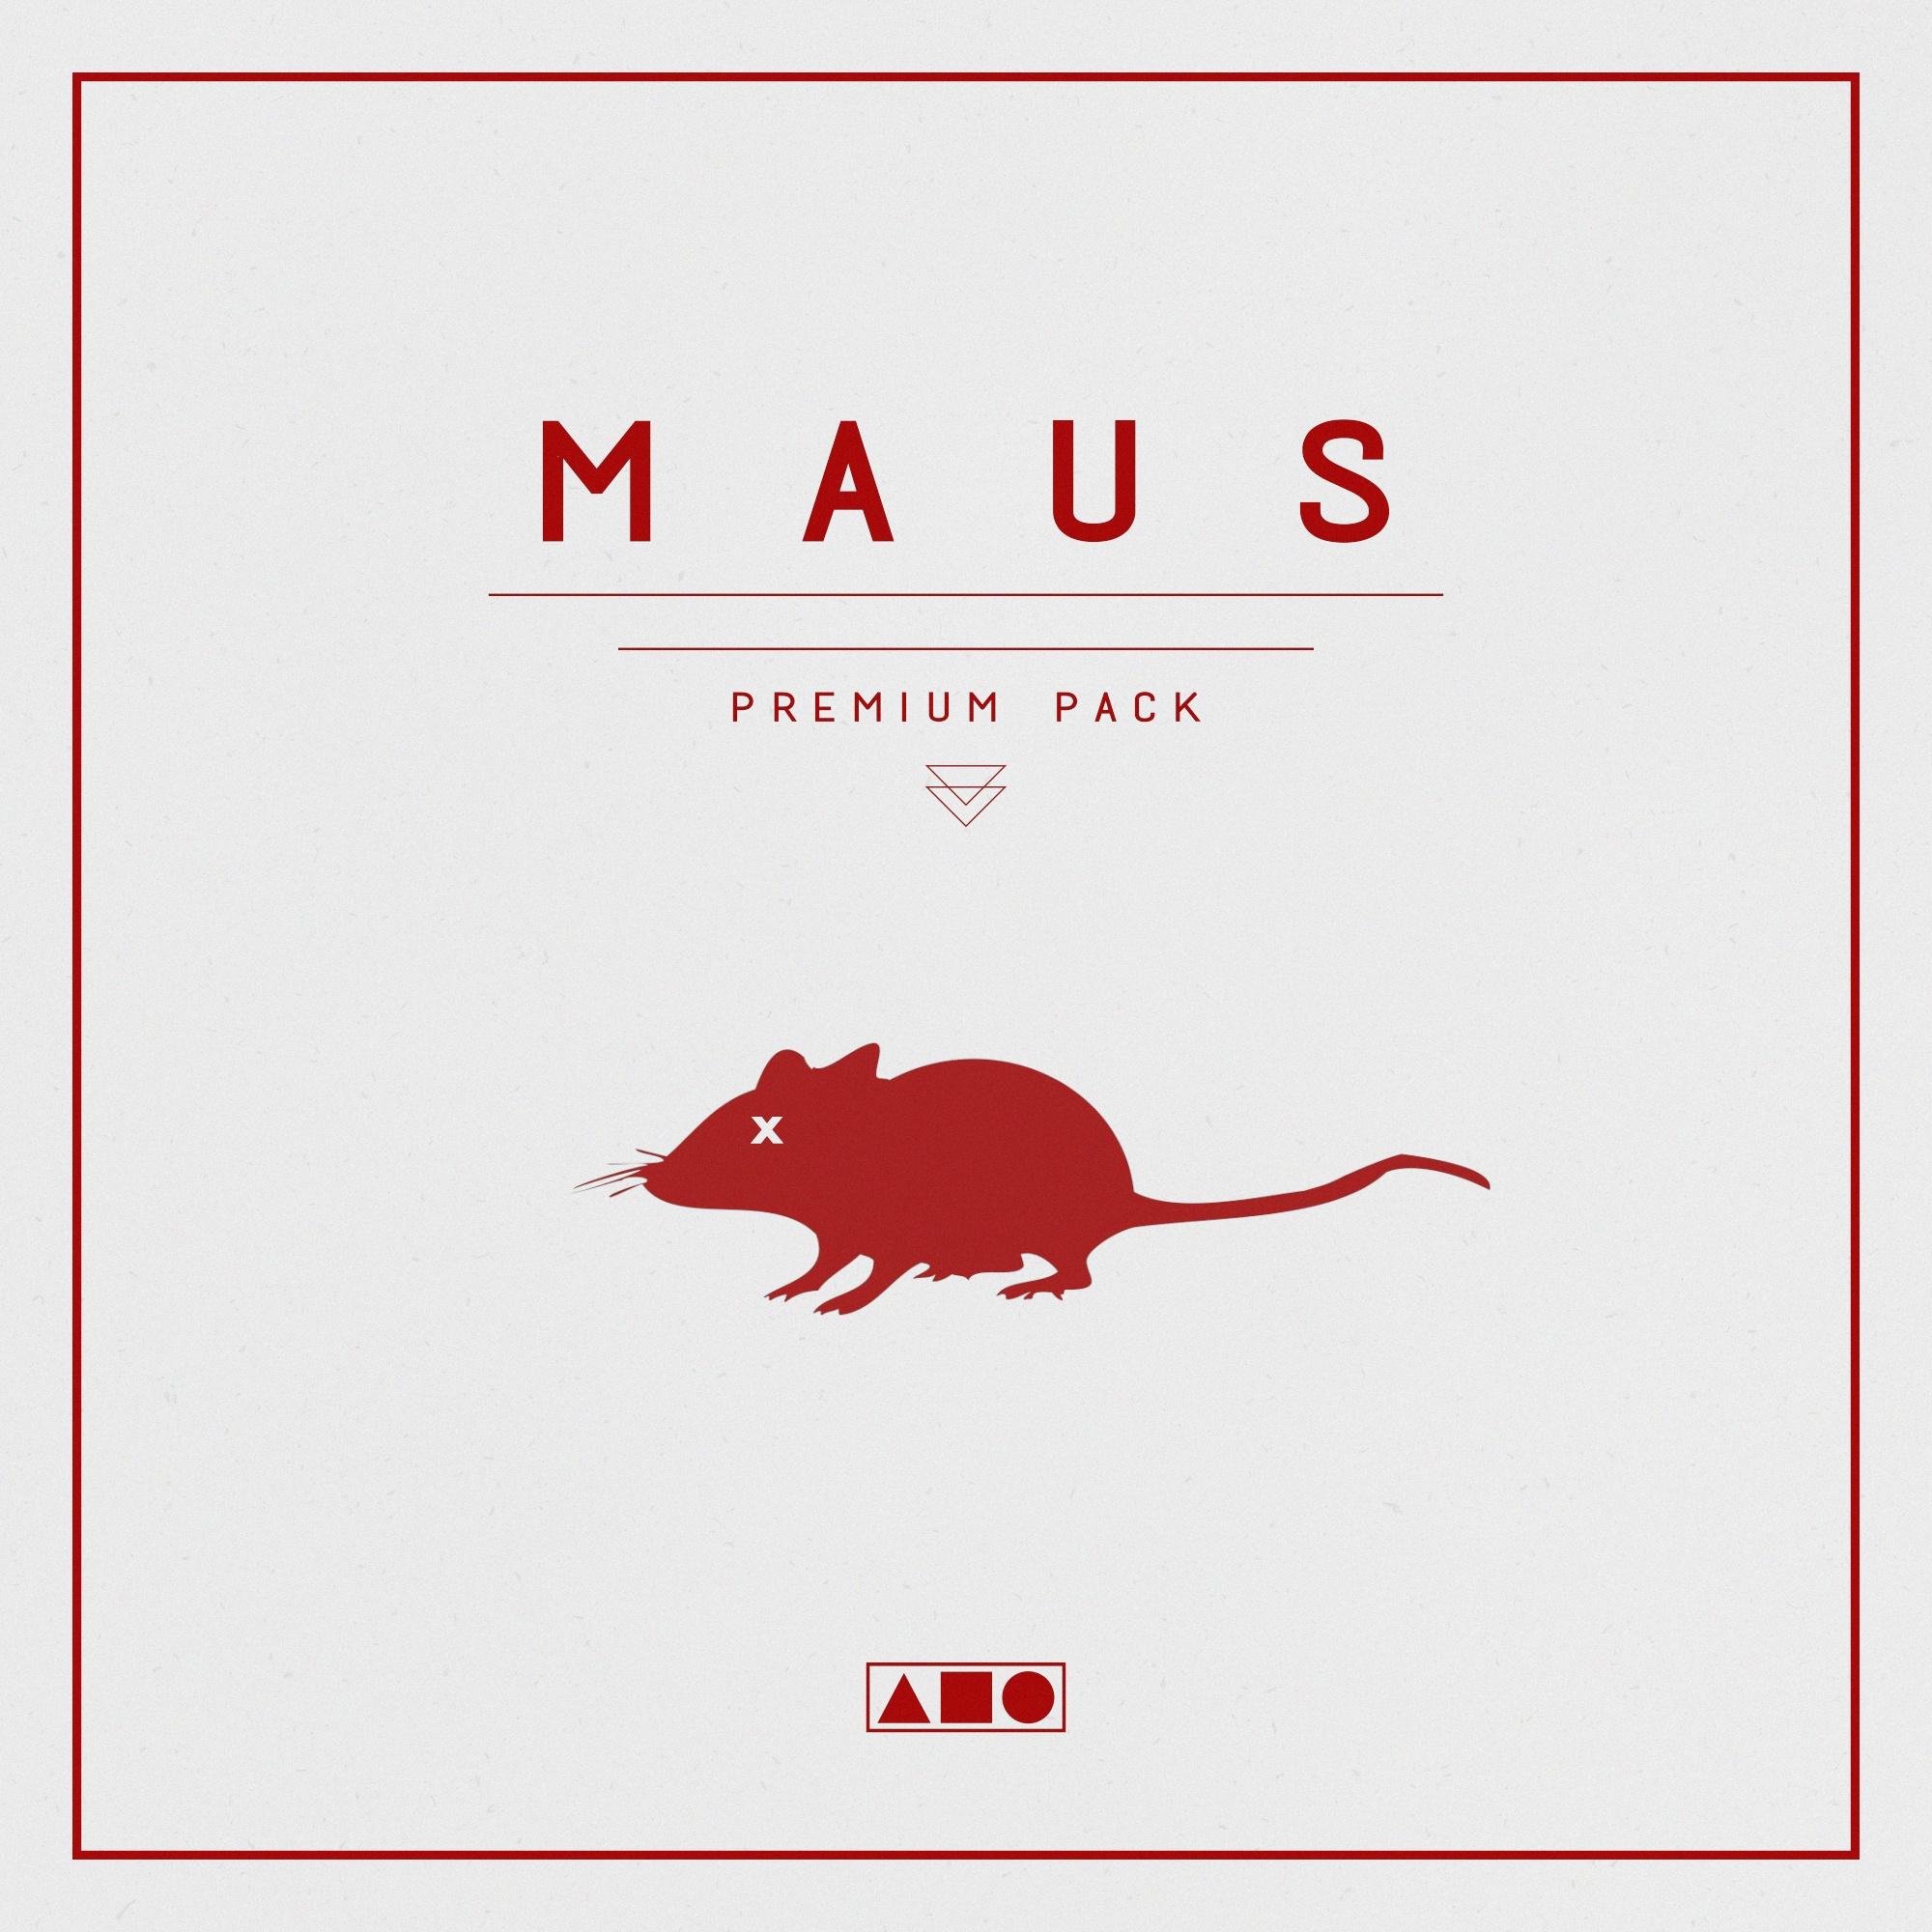 squadpack - Maus